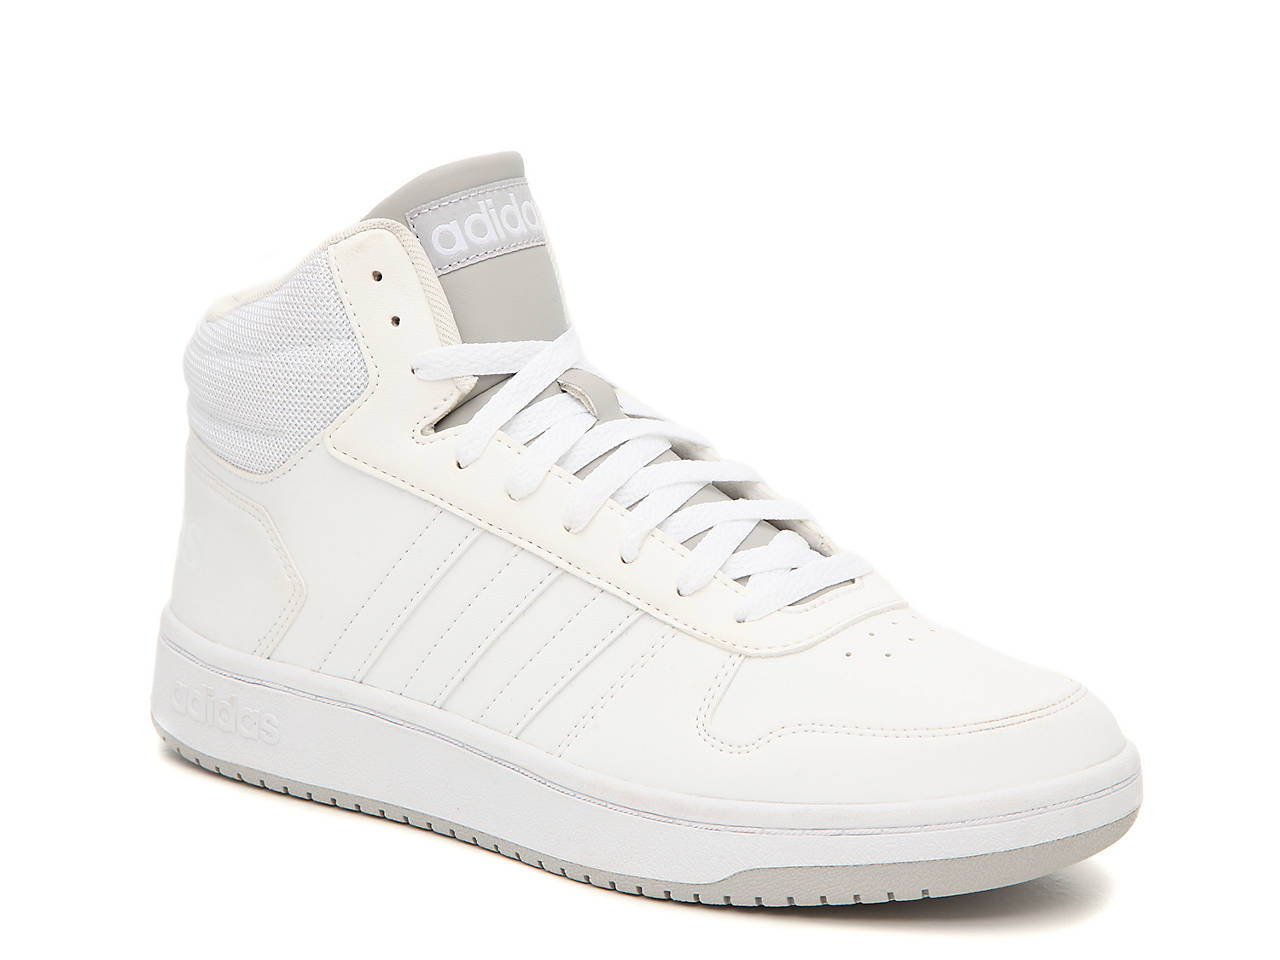 Adidas TERREX Skychaser GTX Schuh 8BPS4EBOMW grau adidas